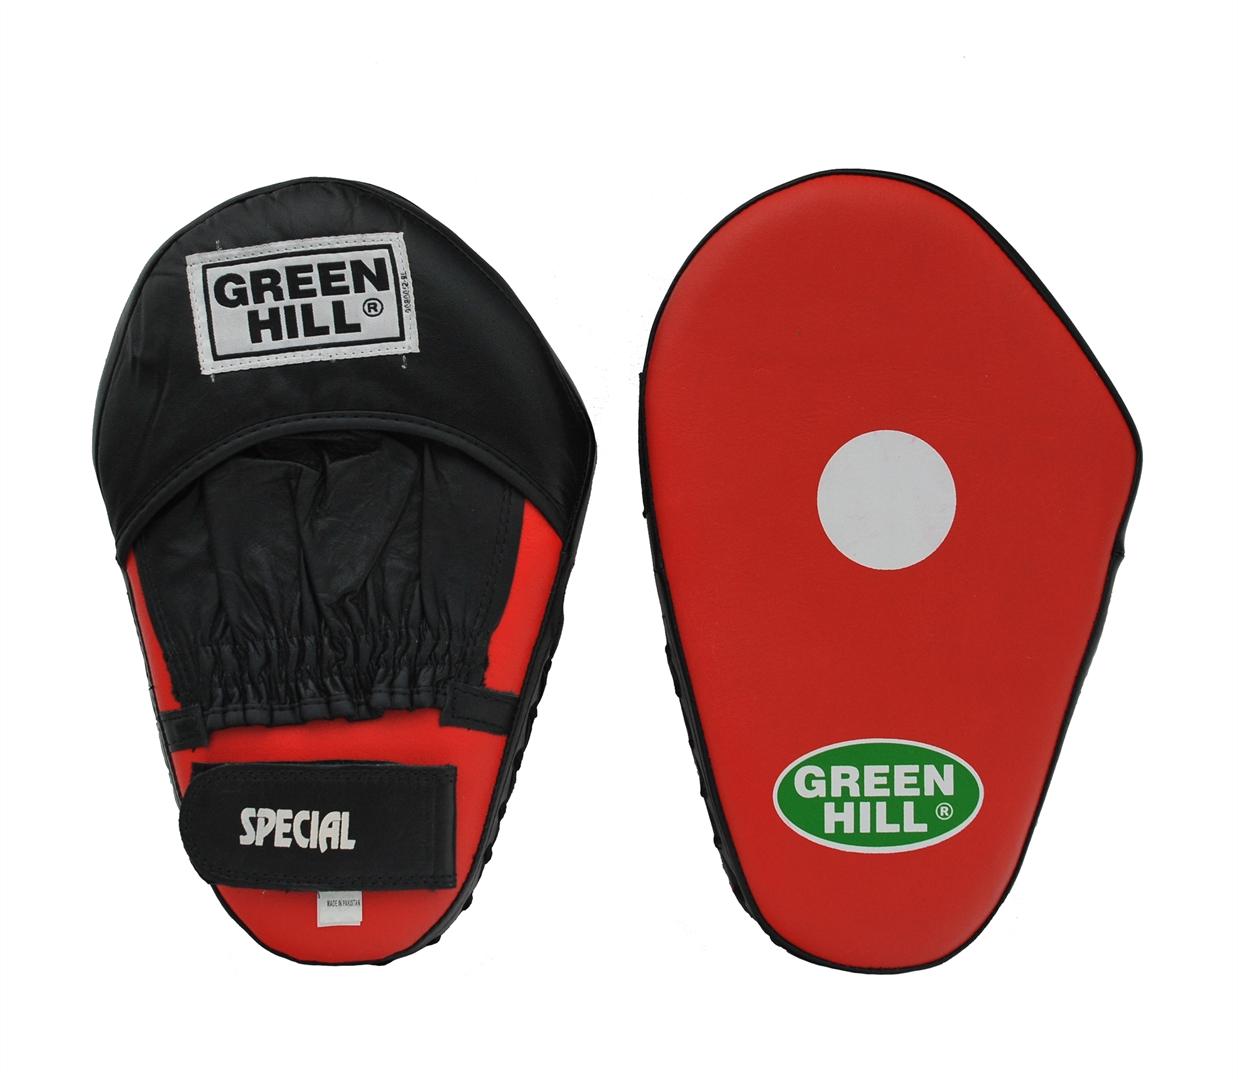 Лапы боксерские Green Hill Special, большие, 2 штFMS-5006Боксерские лапы Green Hill Special прекрасно подходят для отработки точности и скорости прямых ударов. Верх сделан из натуральной кожи, в центре ударной поверхности расположена мишень. Плотный наполнитель обеспечивает отличную фиксацию удара. Лапы удобно сидят на руке, их анатомическая форма позволяет снизить нагрузку во время тренировки. Запястье фиксируется застежкой на липучке. В комплекте 2 лапы. Подходят для всех уровней подготовки. Размер лапы: 31 см х 20 см х 8 см.